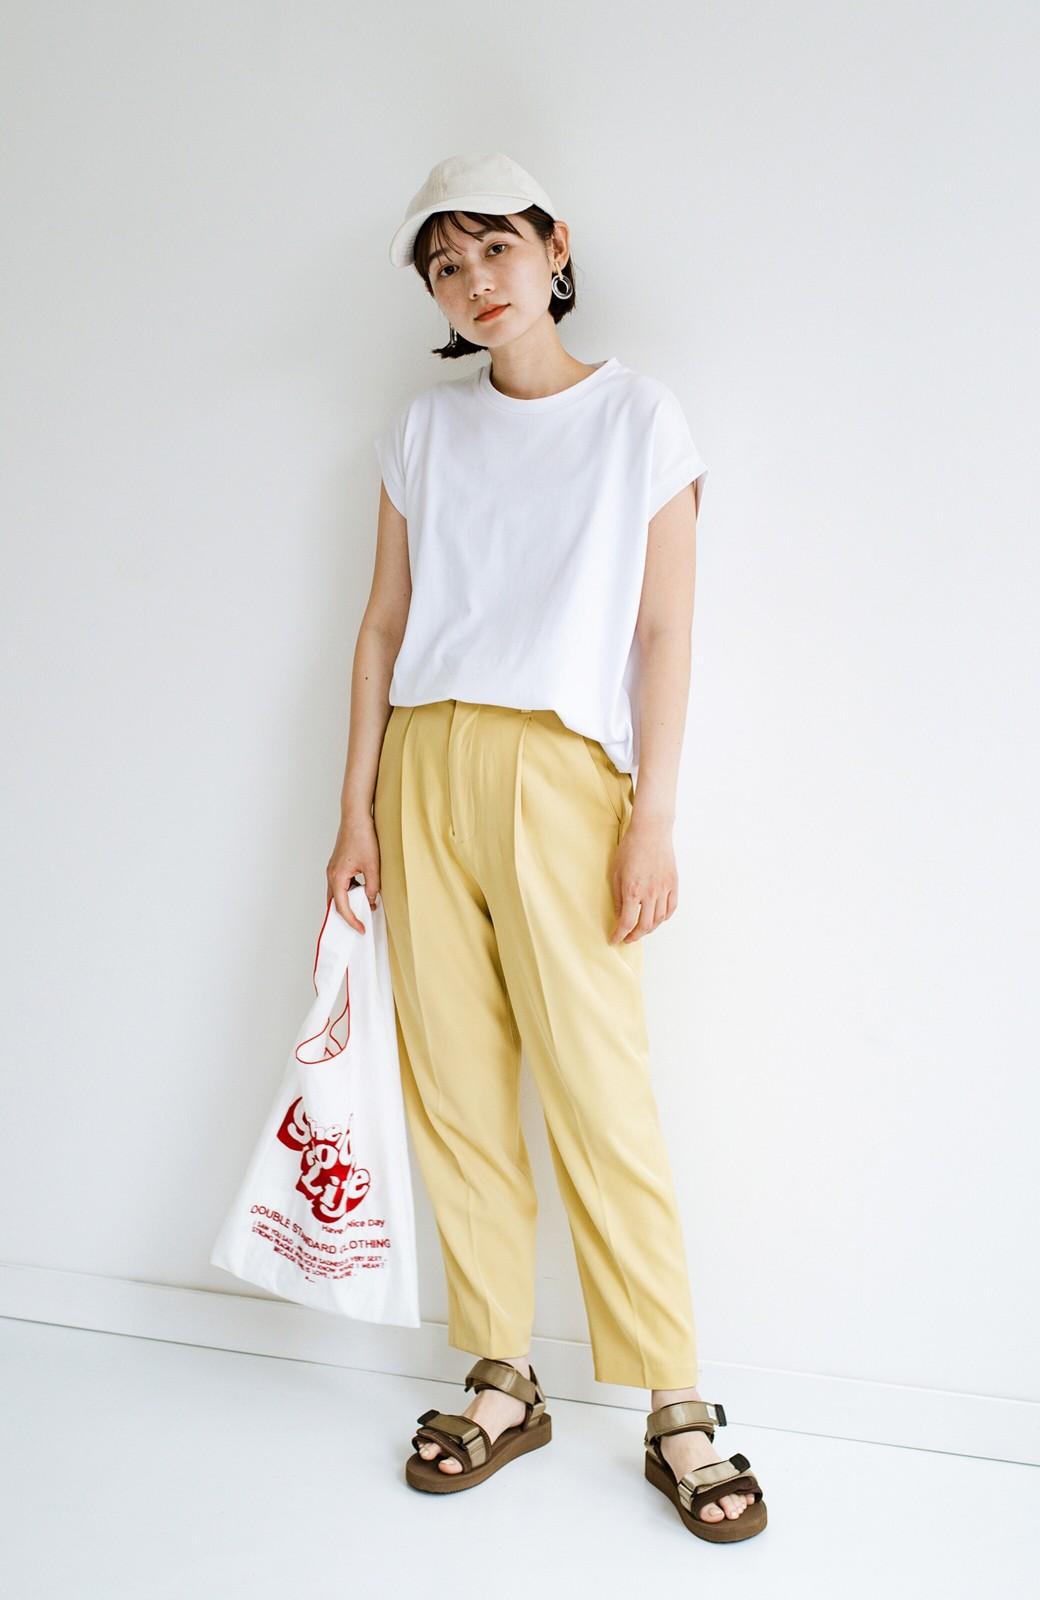 haco! 迷った朝はこれ着よう!元気が出るきれい色パンツにちょい袖大人Tシャツを合わせておいた作り置きコーデセット by que made me <その他>の商品写真1